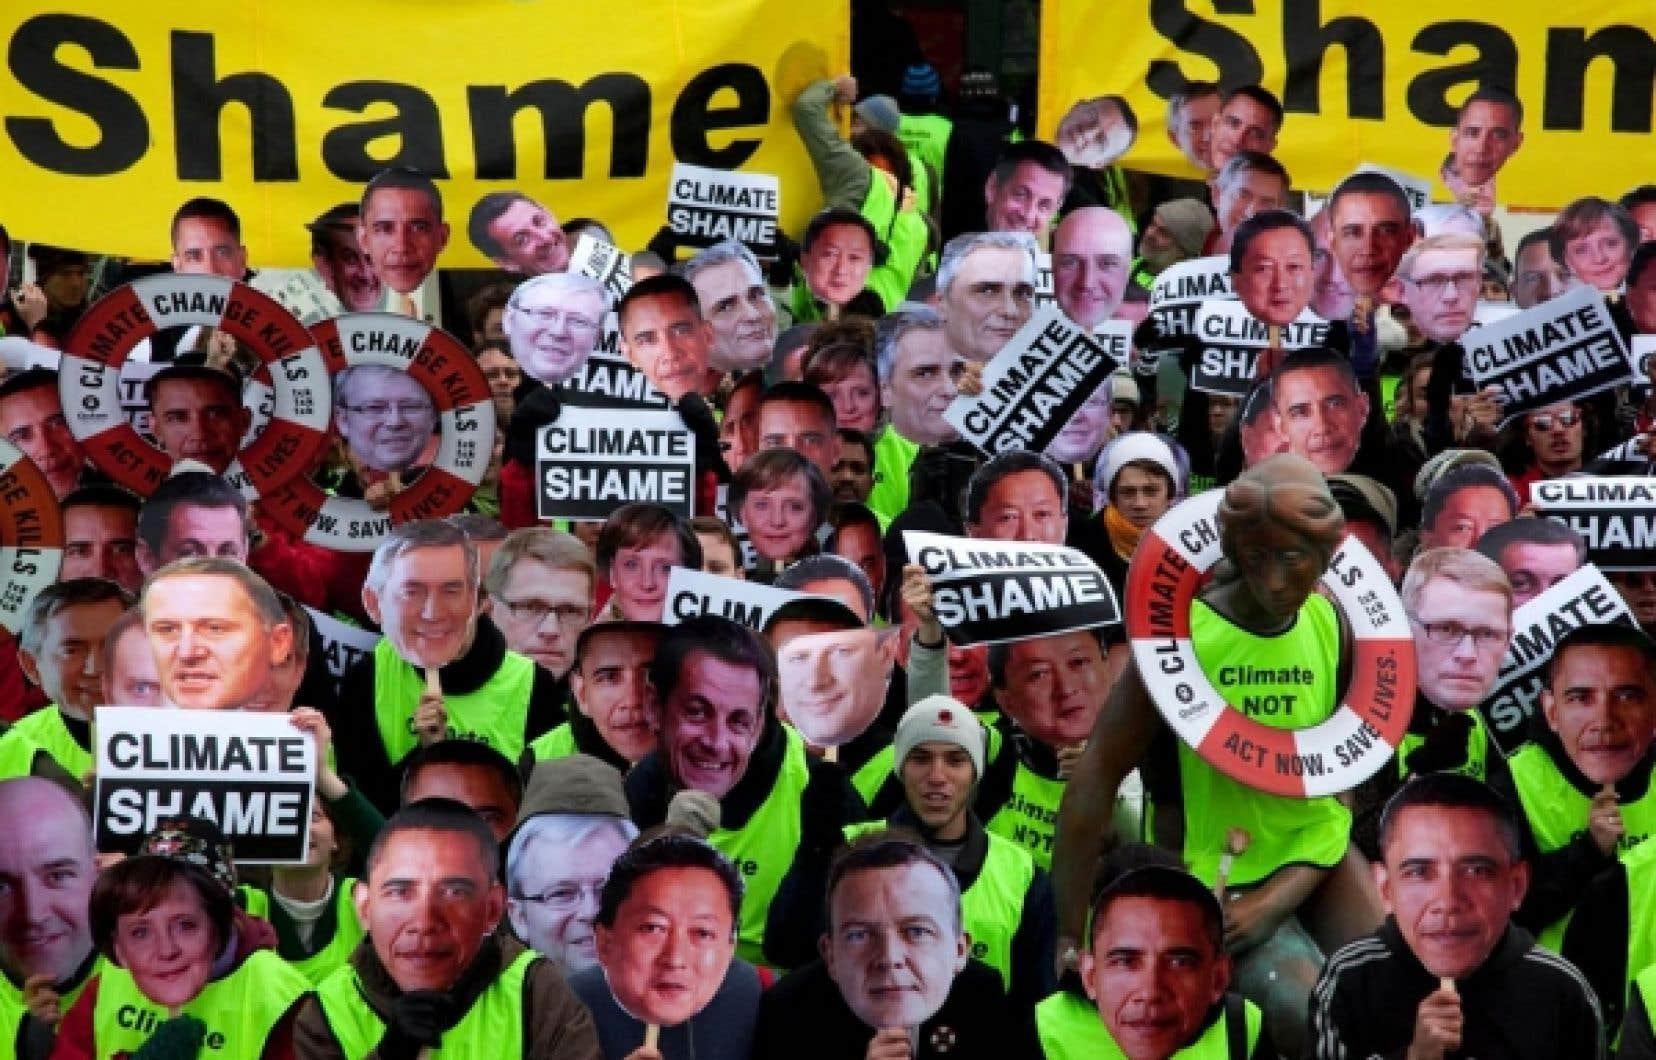 Pendant que les discussions progressaient difficilement à l'intérieur du Bella Center, Greenpeace avait réuni à l'extérieur des militants portant des portraits des leaders du monde.